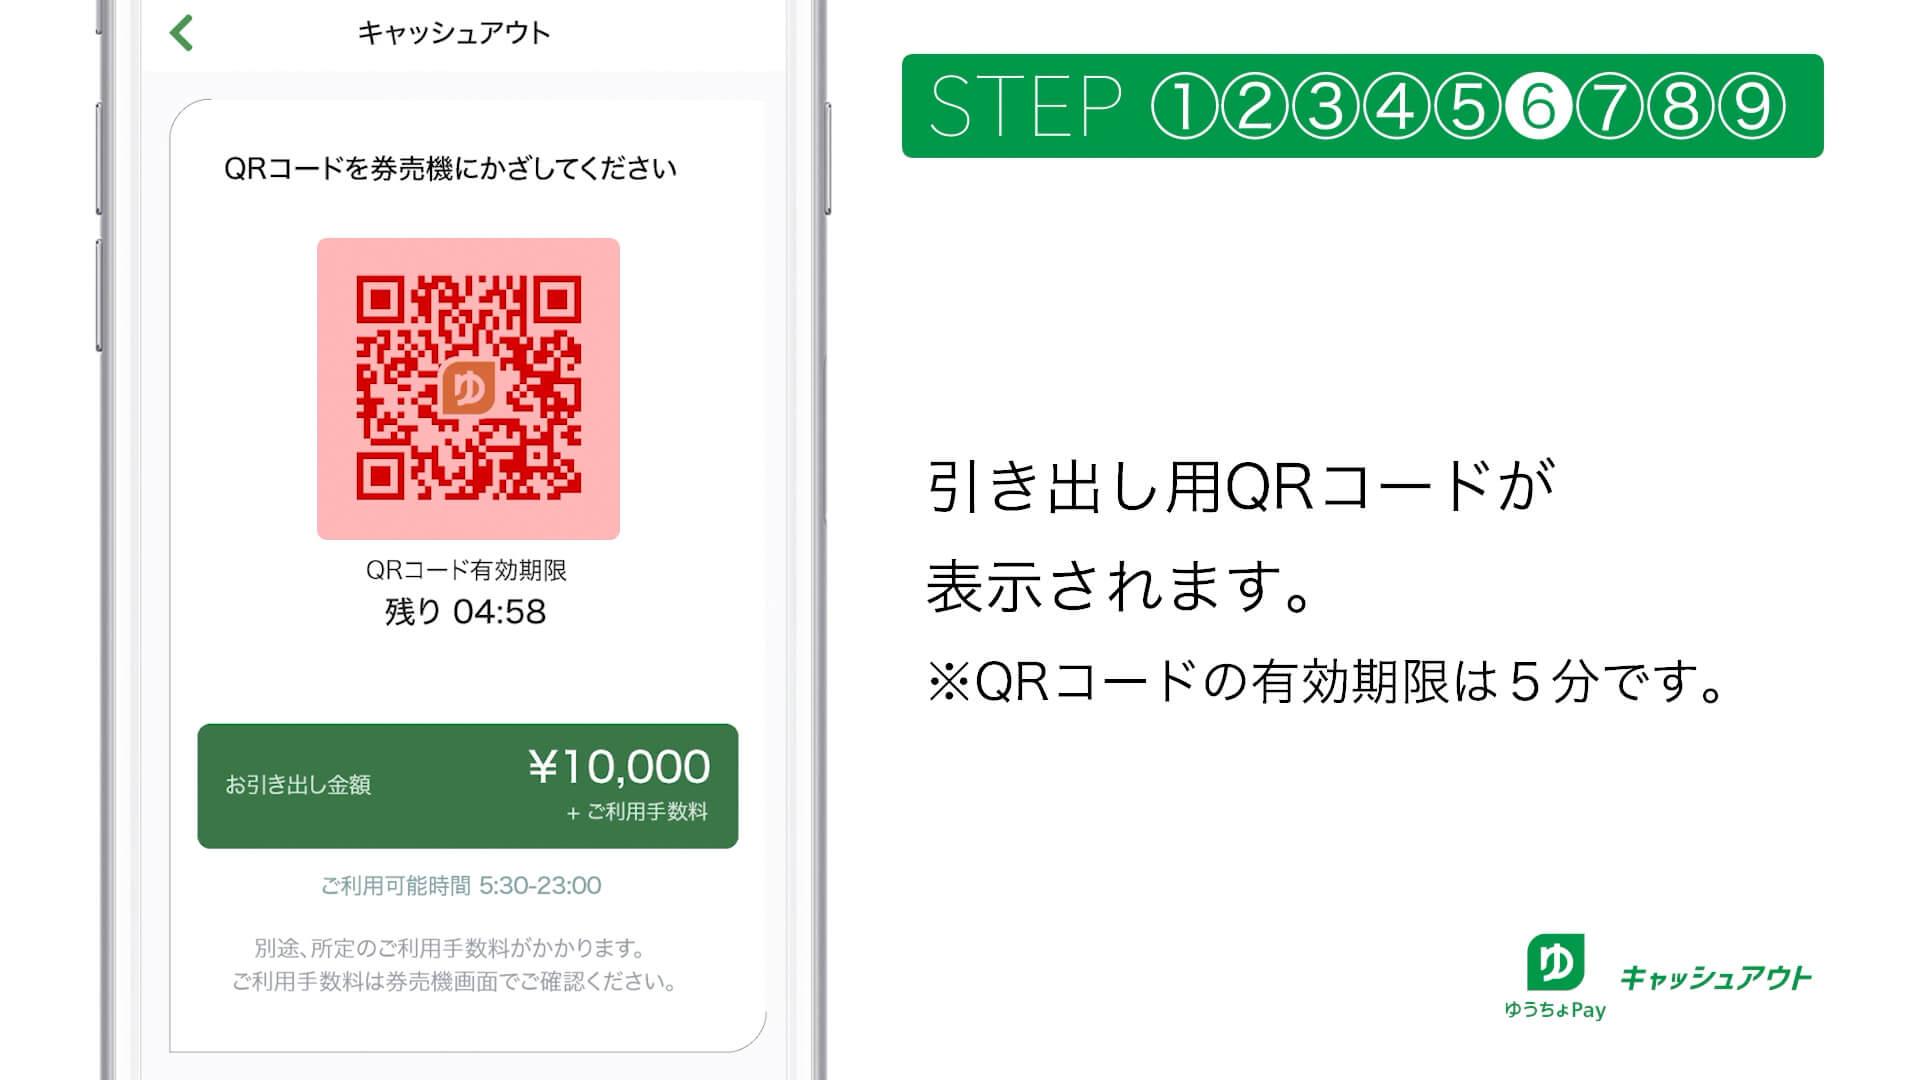 ゆうちょpay「キャッシュアウト」CM制作事例